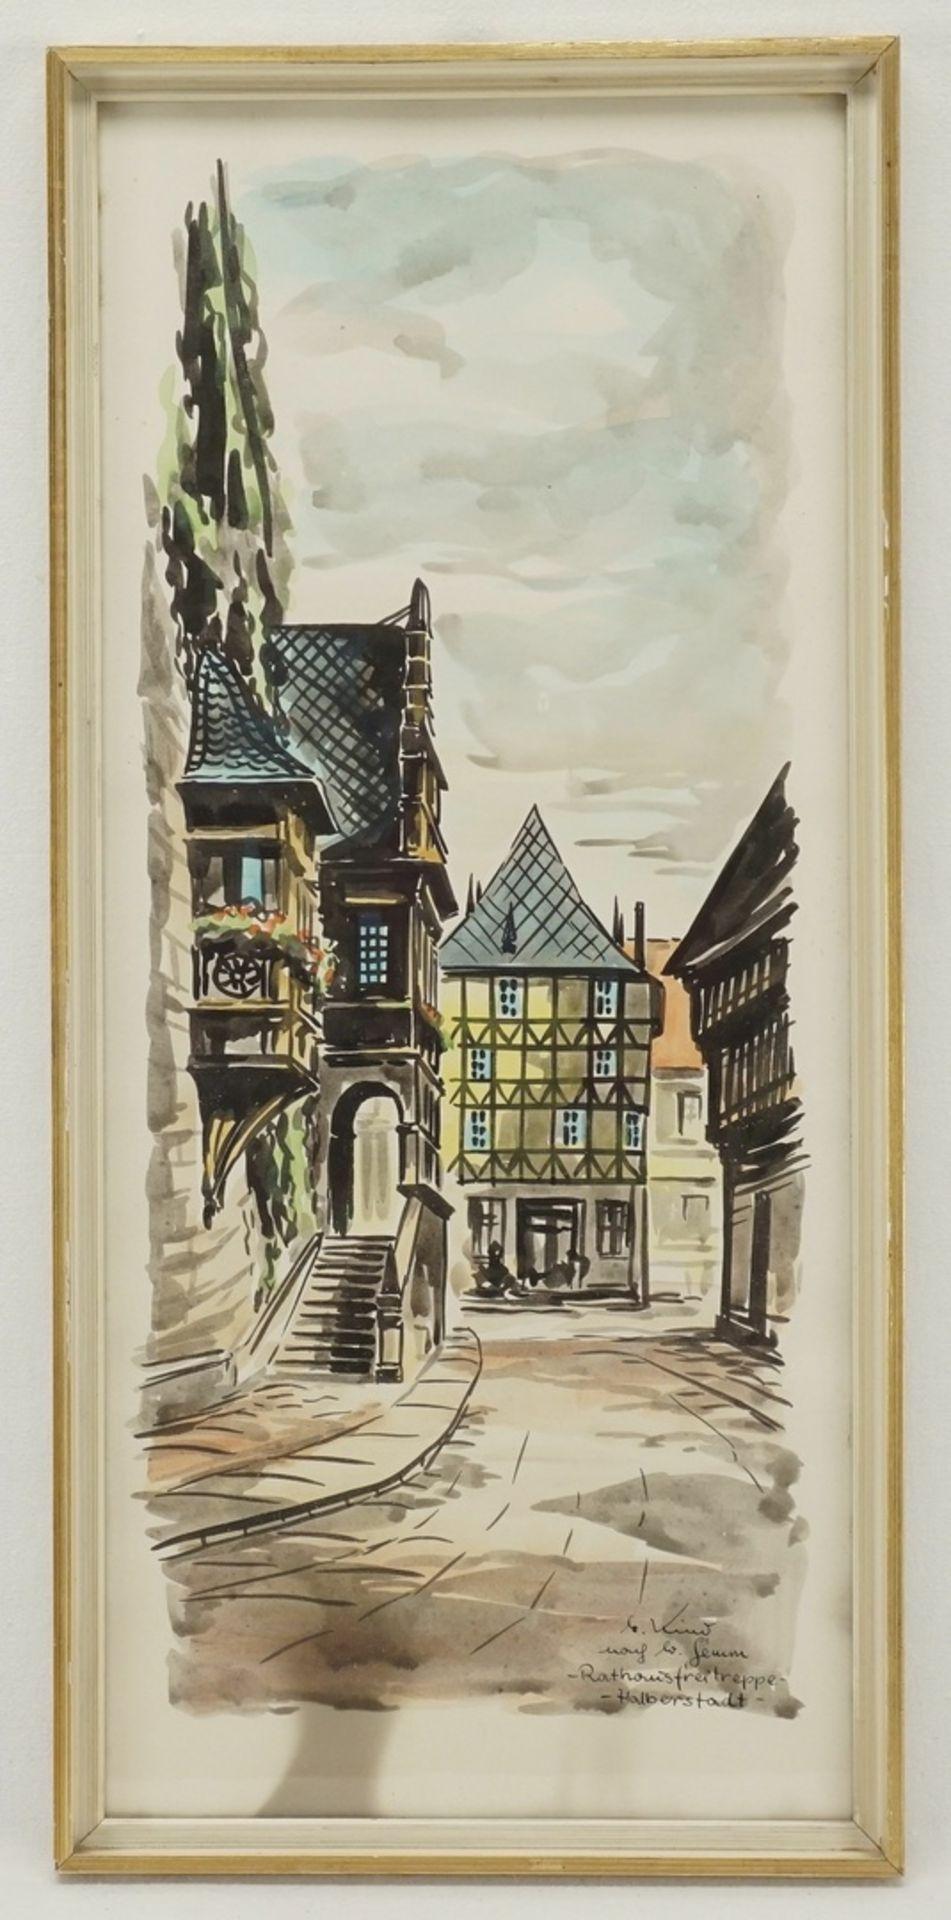 """M. oder G. Kind, """"Rathausfreitreppe - Halberstadt"""" (nach W. Gemm) - Bild 2 aus 4"""